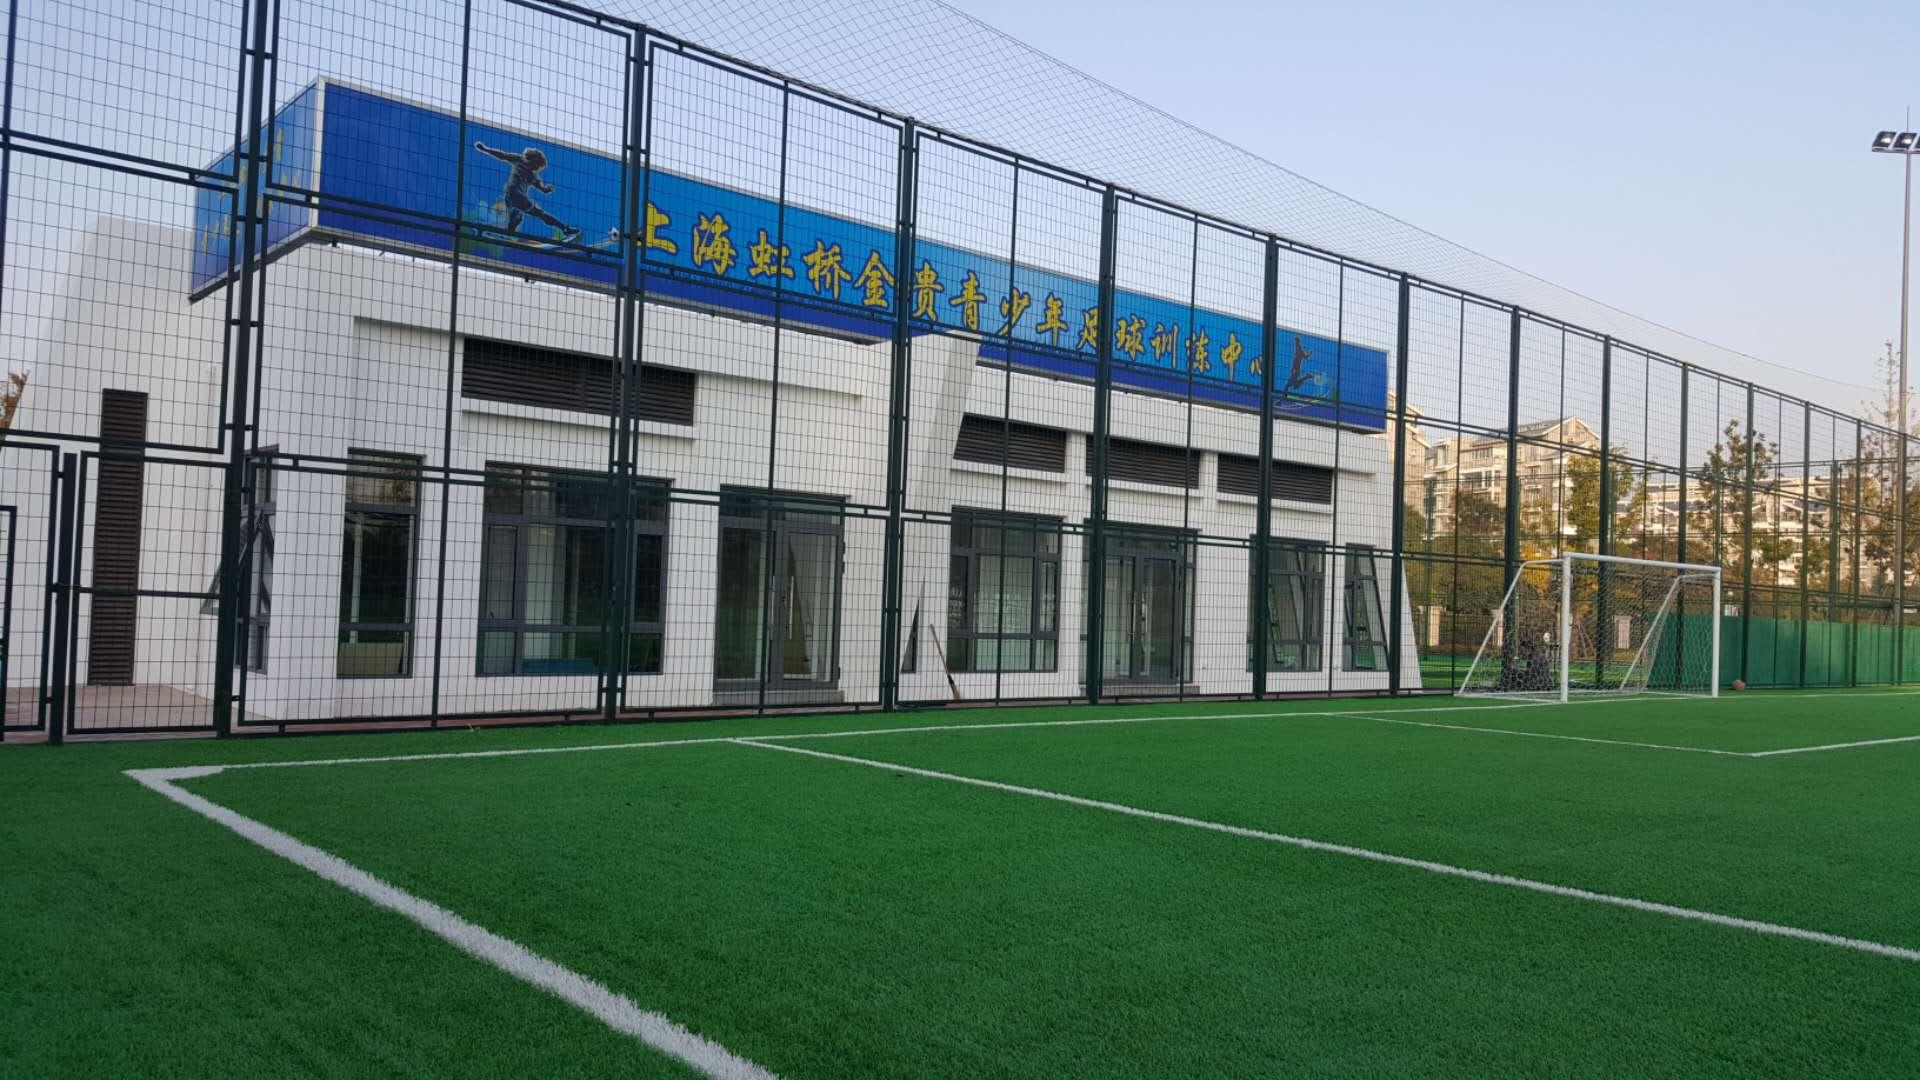 金虹桥河滨公园足球场1.jpg